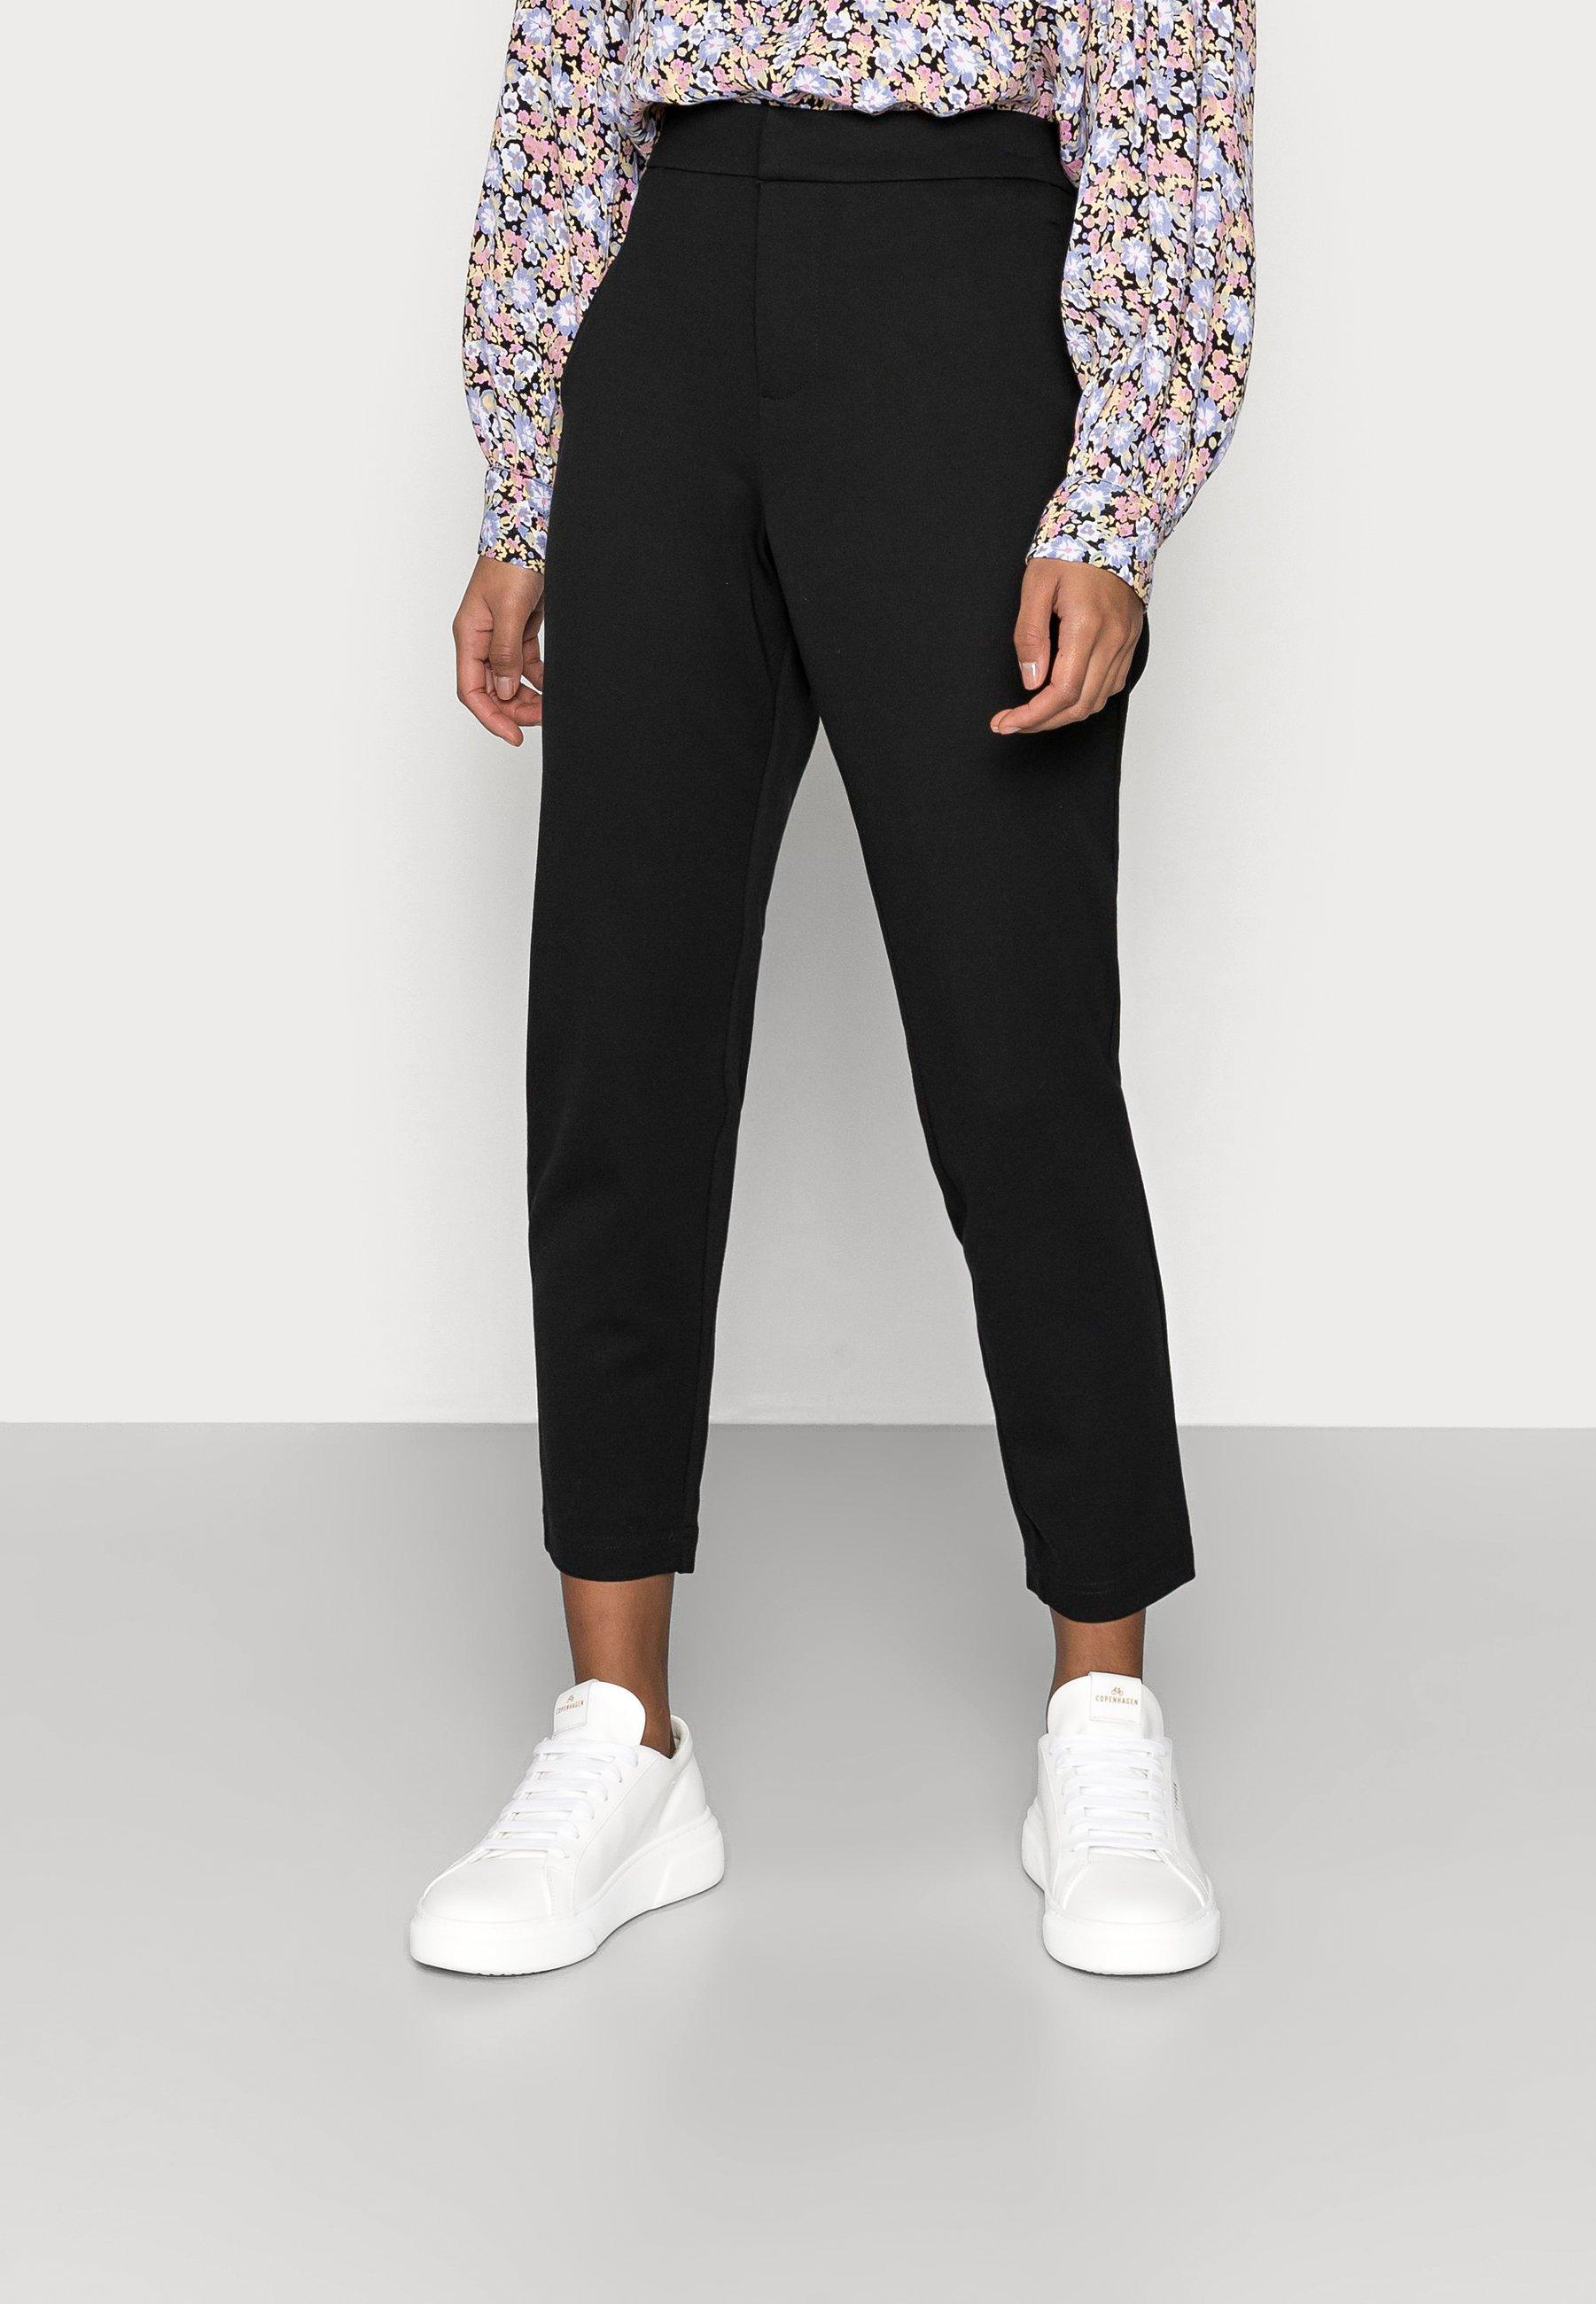 Femme ONLPOPTRASH LIFE STRIKE PANT - Pantalon classique